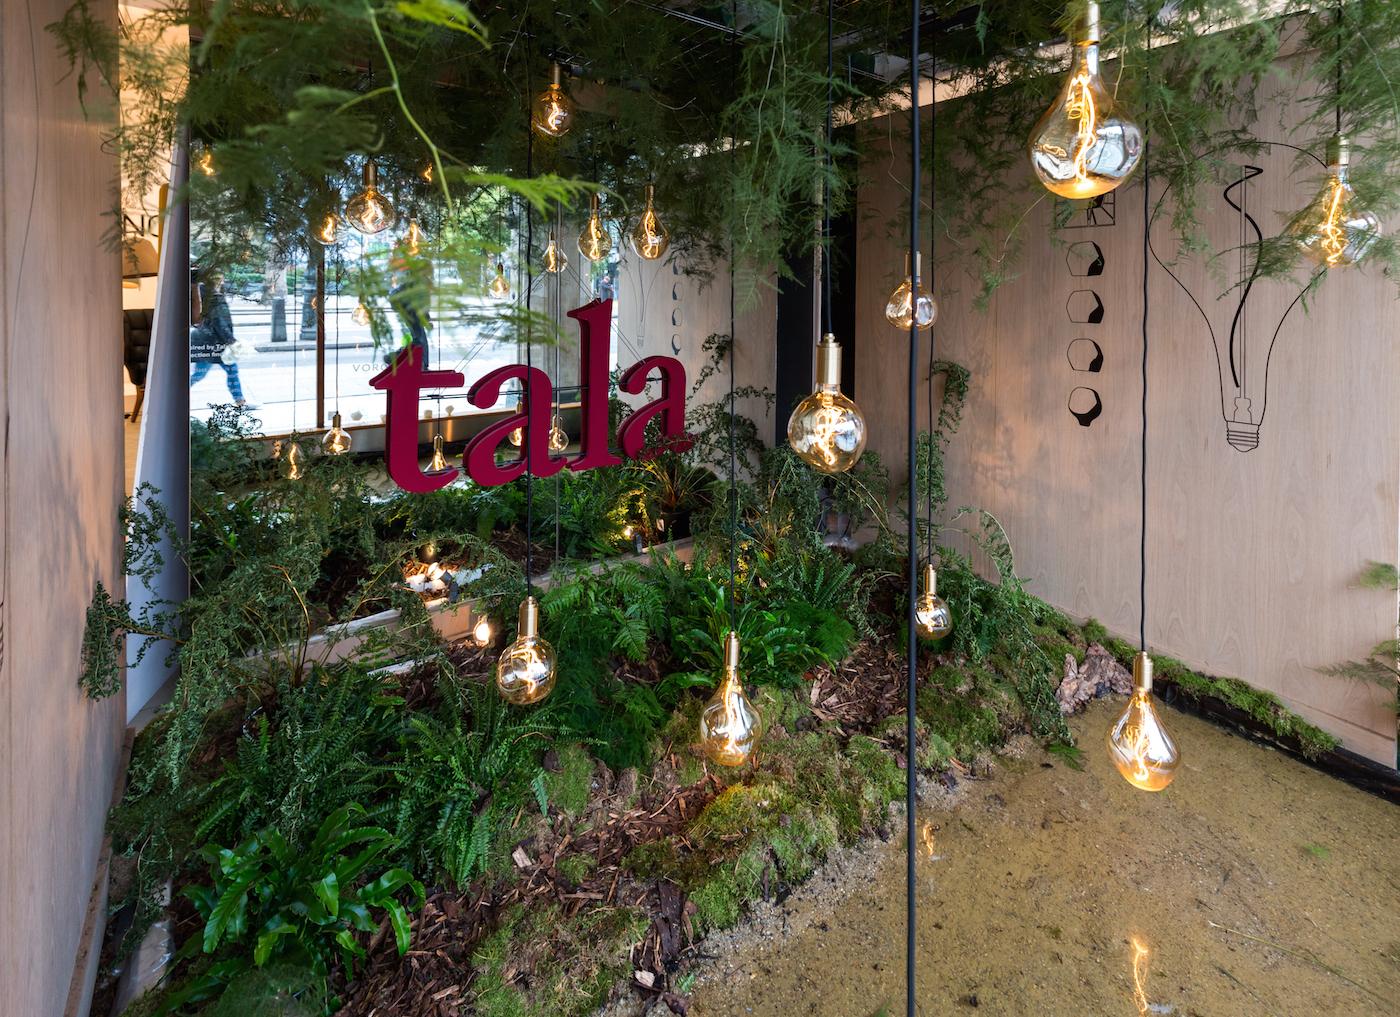 Heal's Festival of Light Tala bulbs